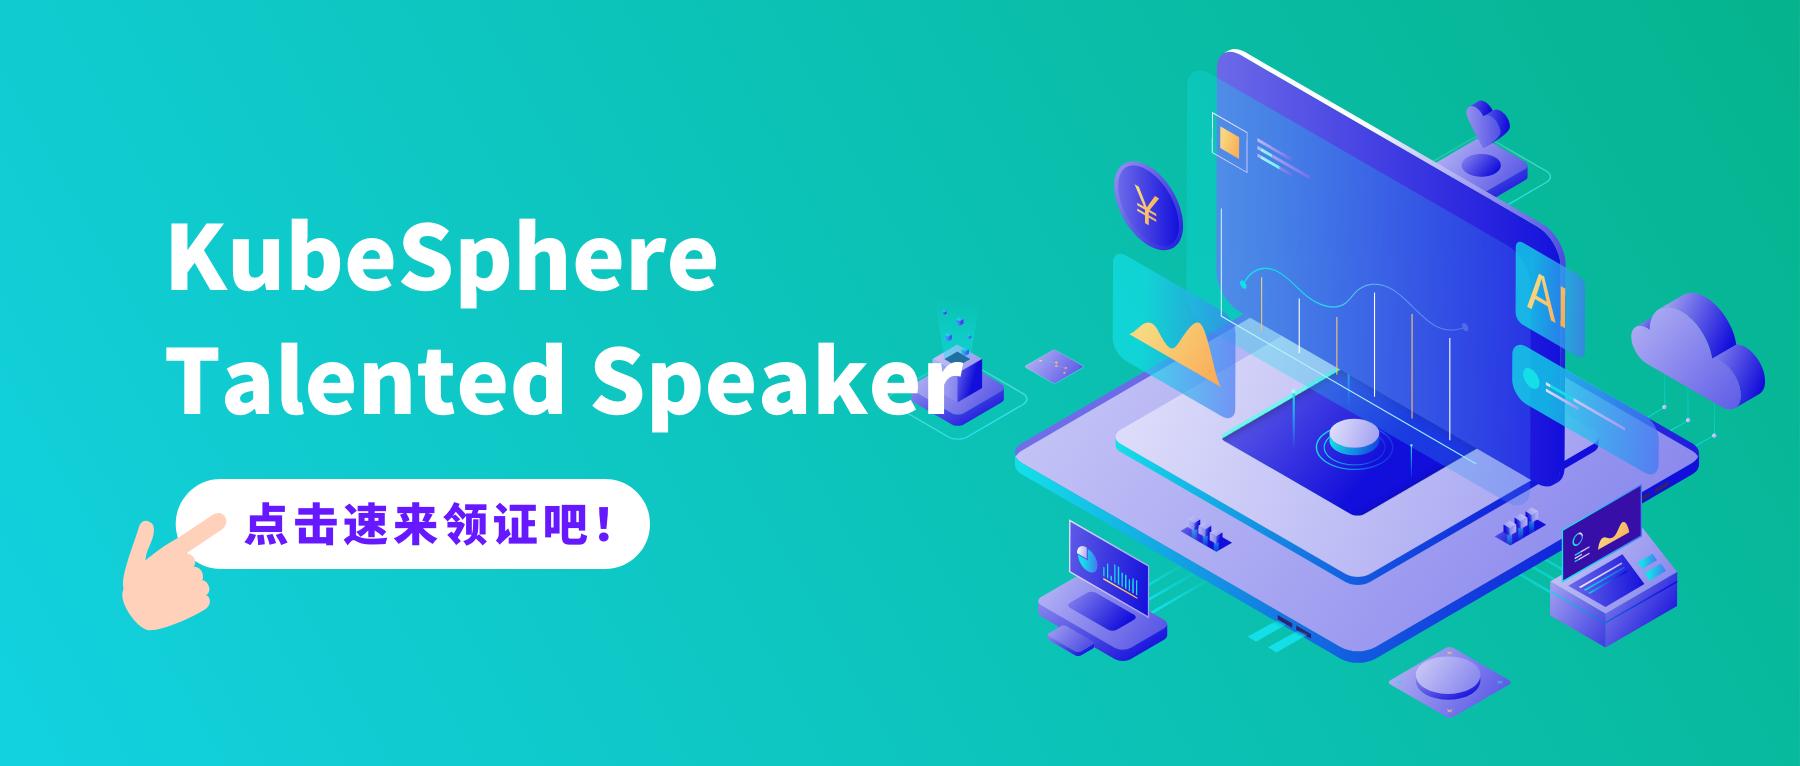 年度 KubeSphere Talented Speaker 揭晓!快来领取证书!